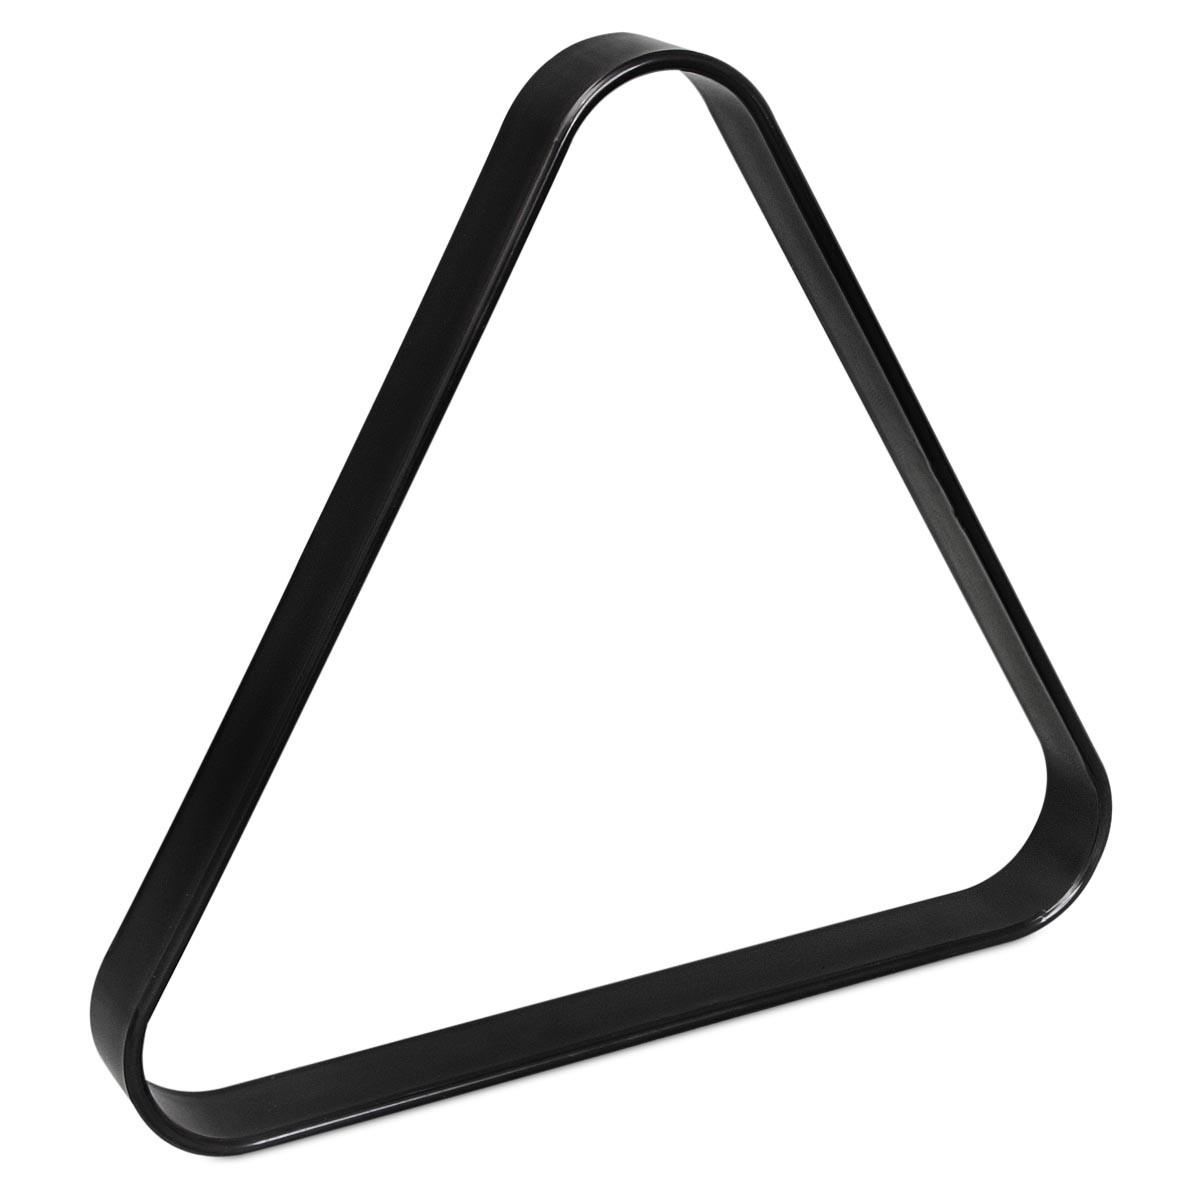 Треугольник для русского бильярда Стандарт пластик черный ø68мм